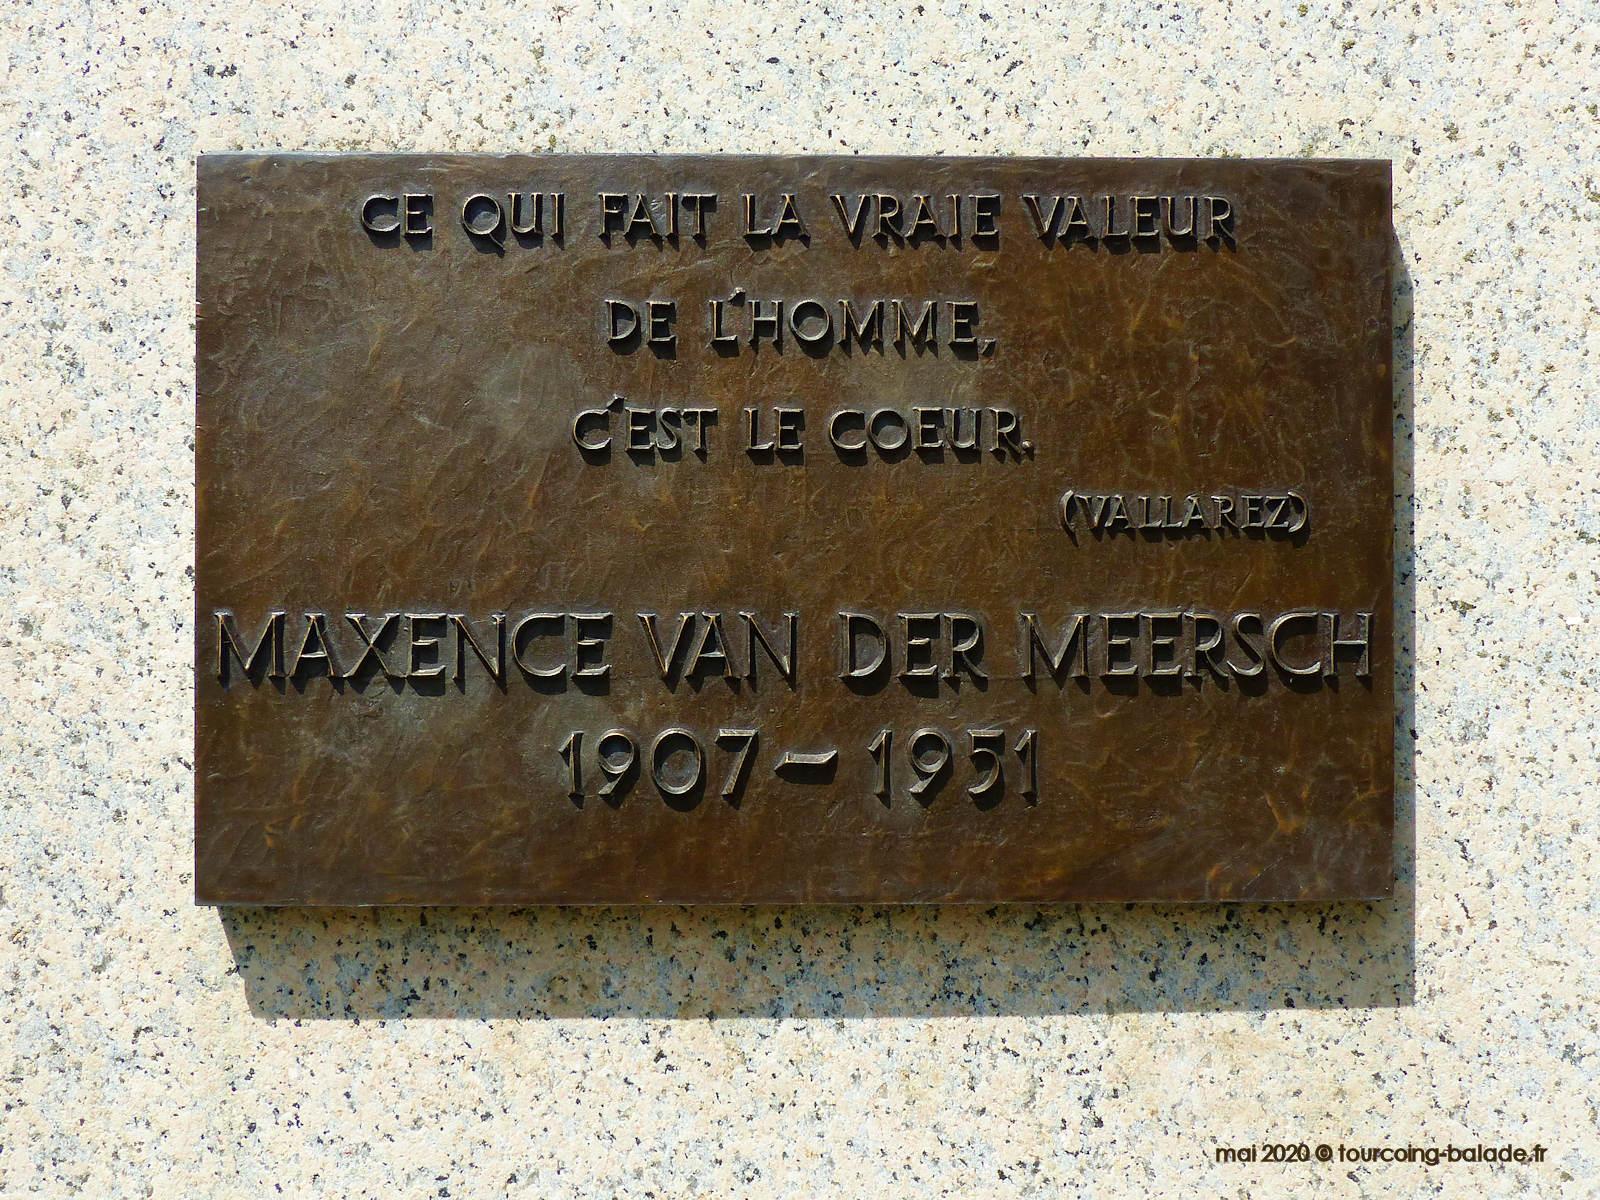 Plaque du Monument Van der Meersch, Wasquehal 2020